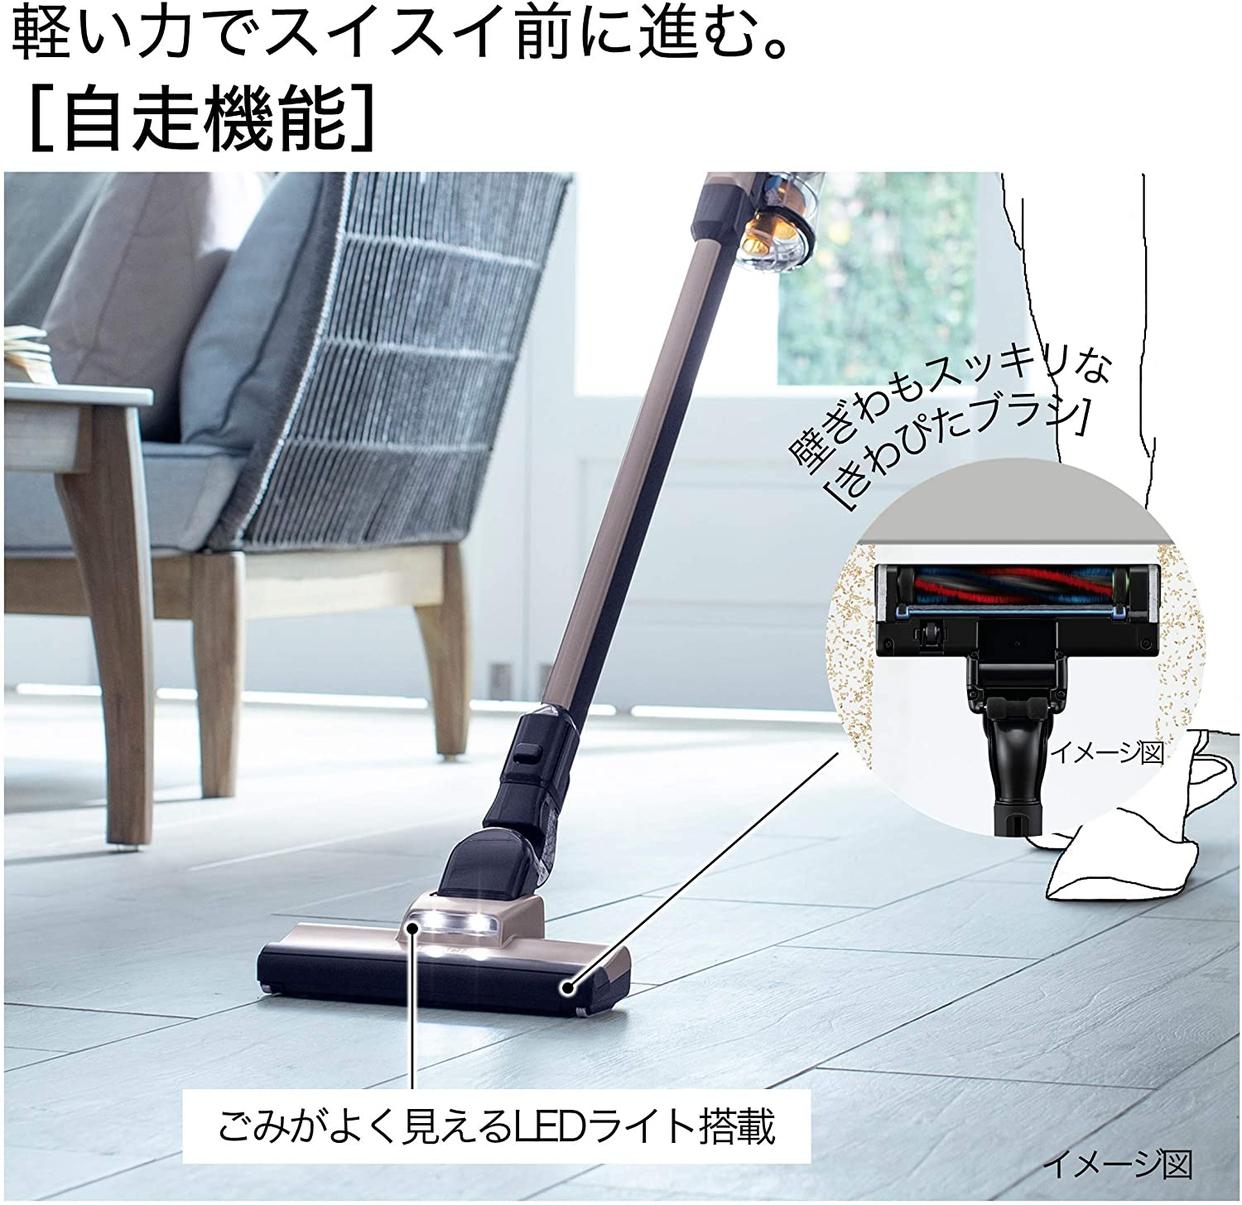 日立(HITACHI) ラクかるスティック PV-BL20Gの商品画像6